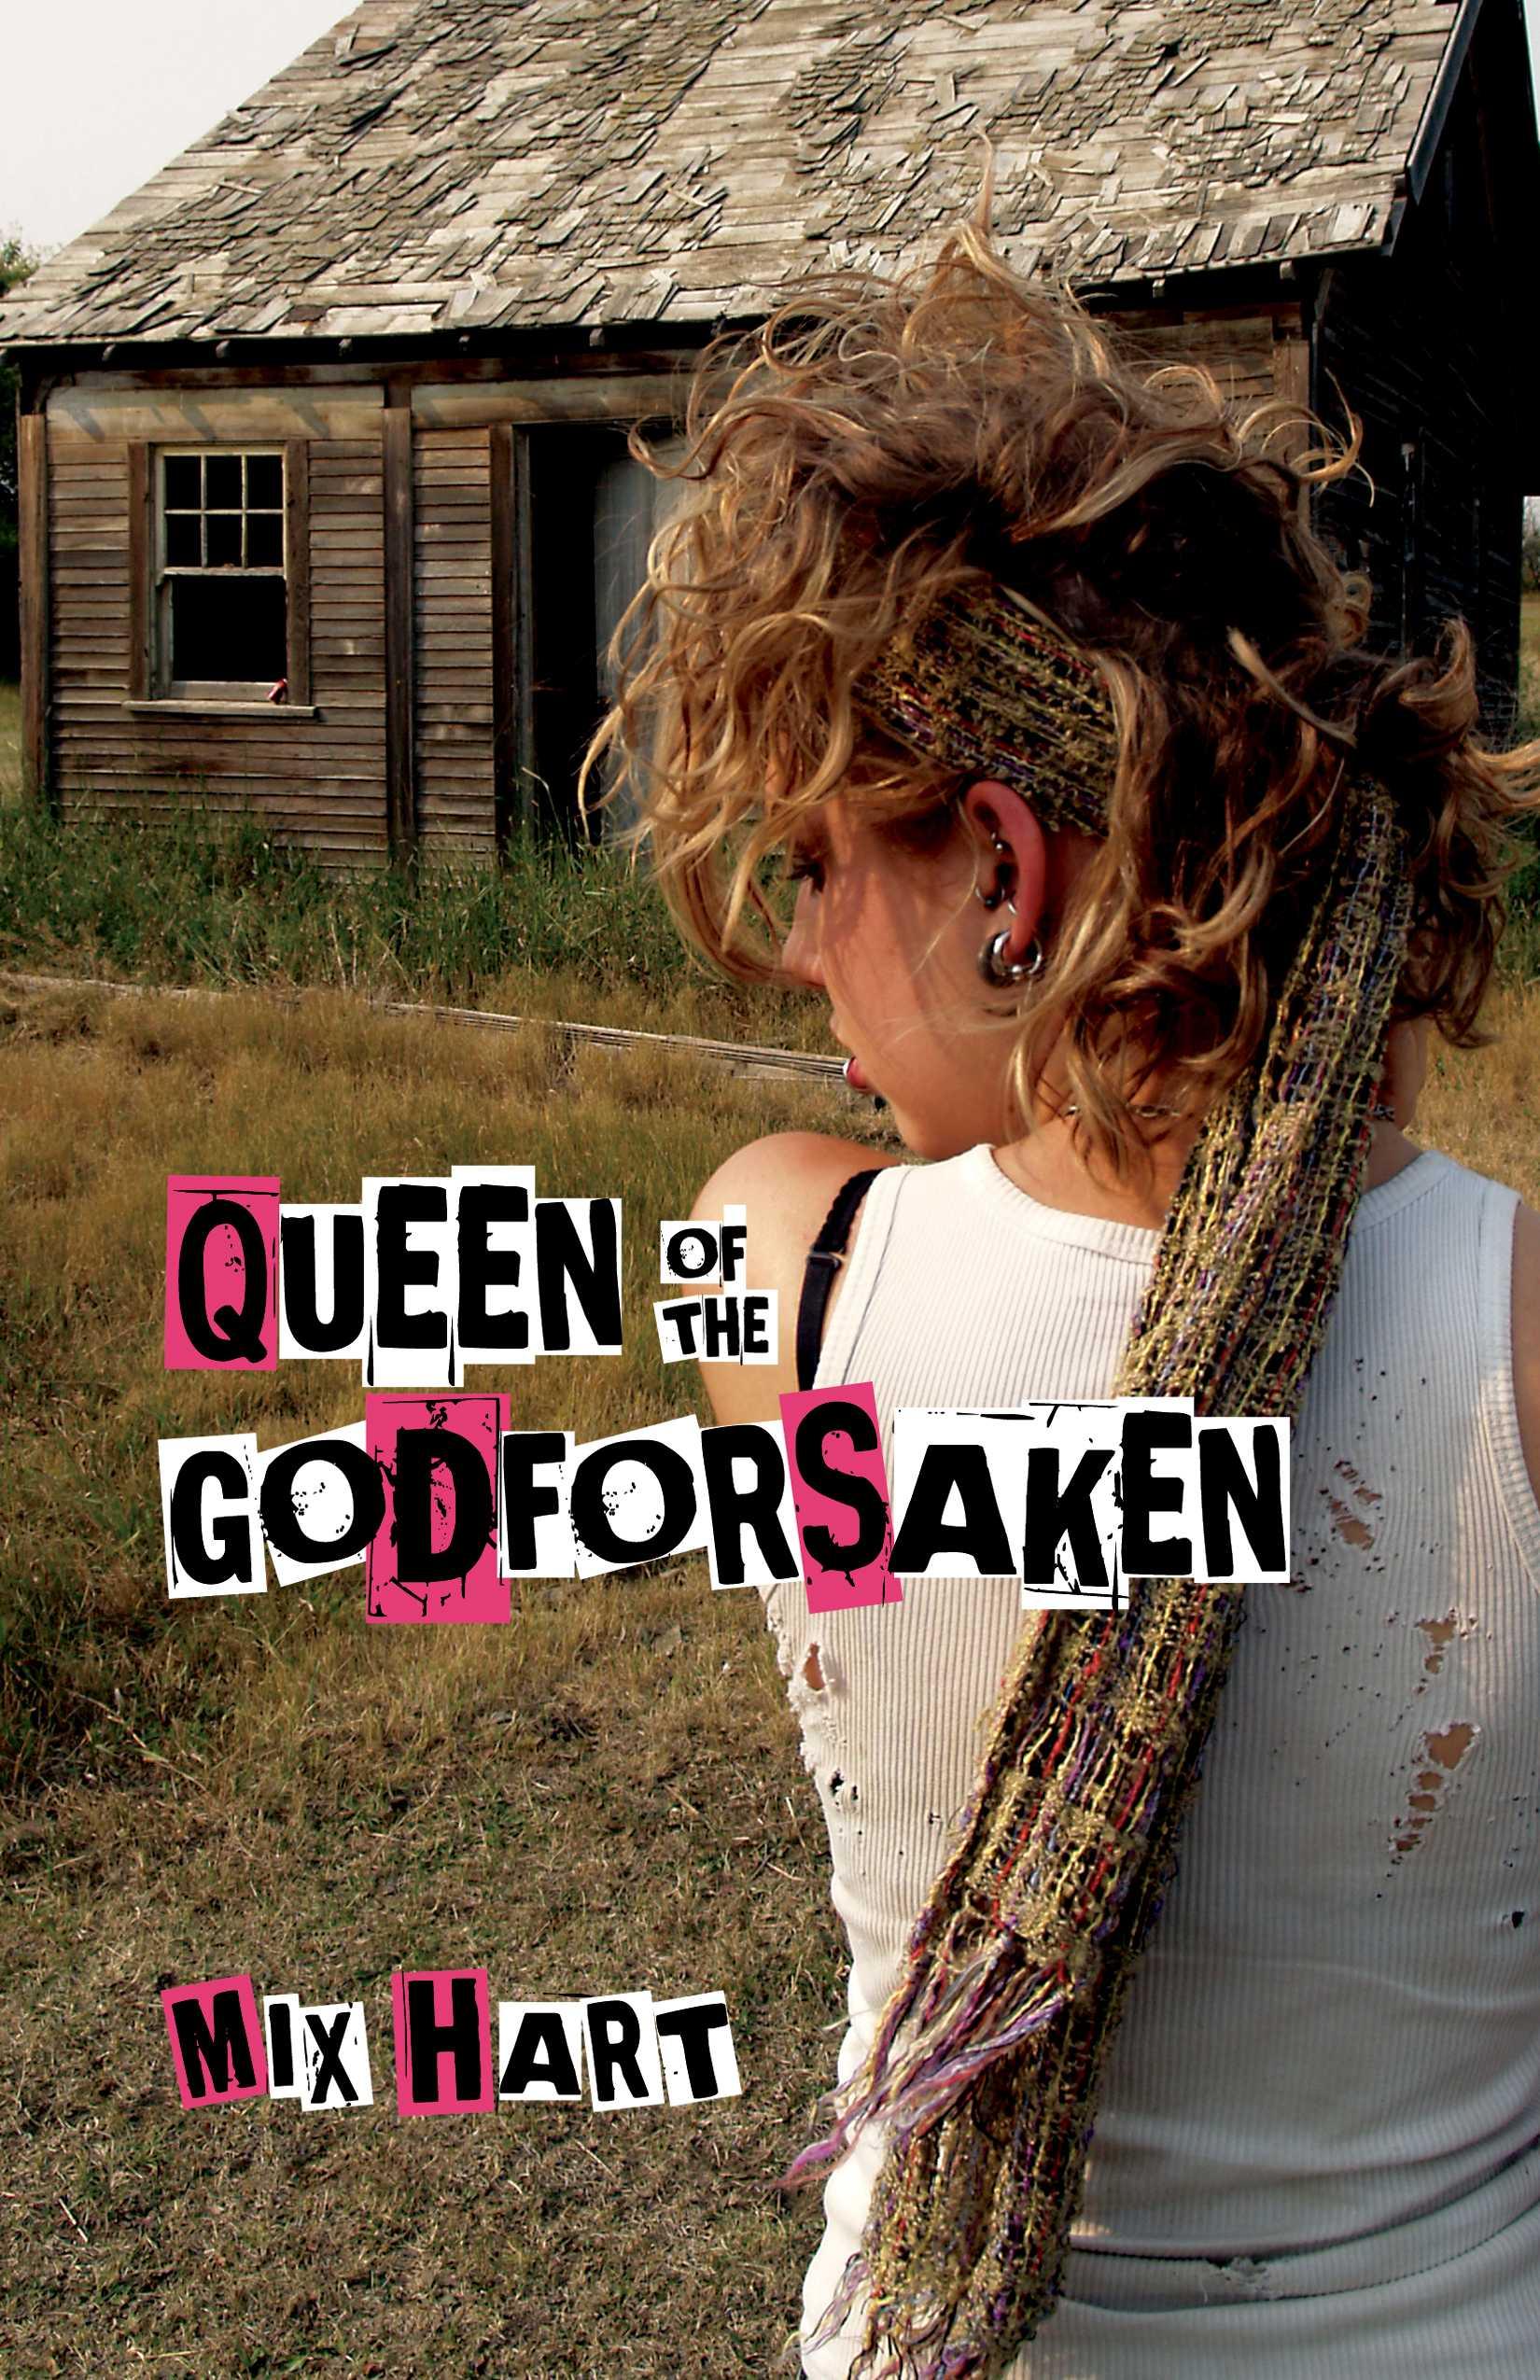 Queen of the Godforsaken